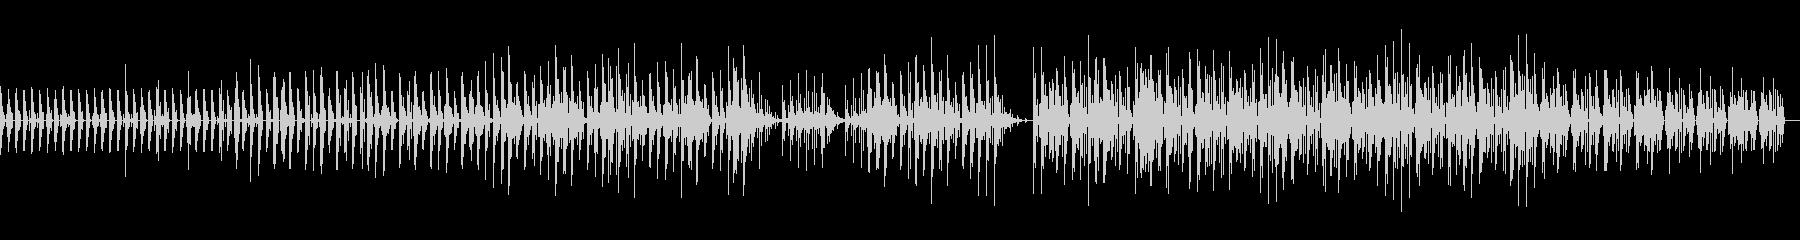 近未来的でクールなダンサブルな曲の未再生の波形